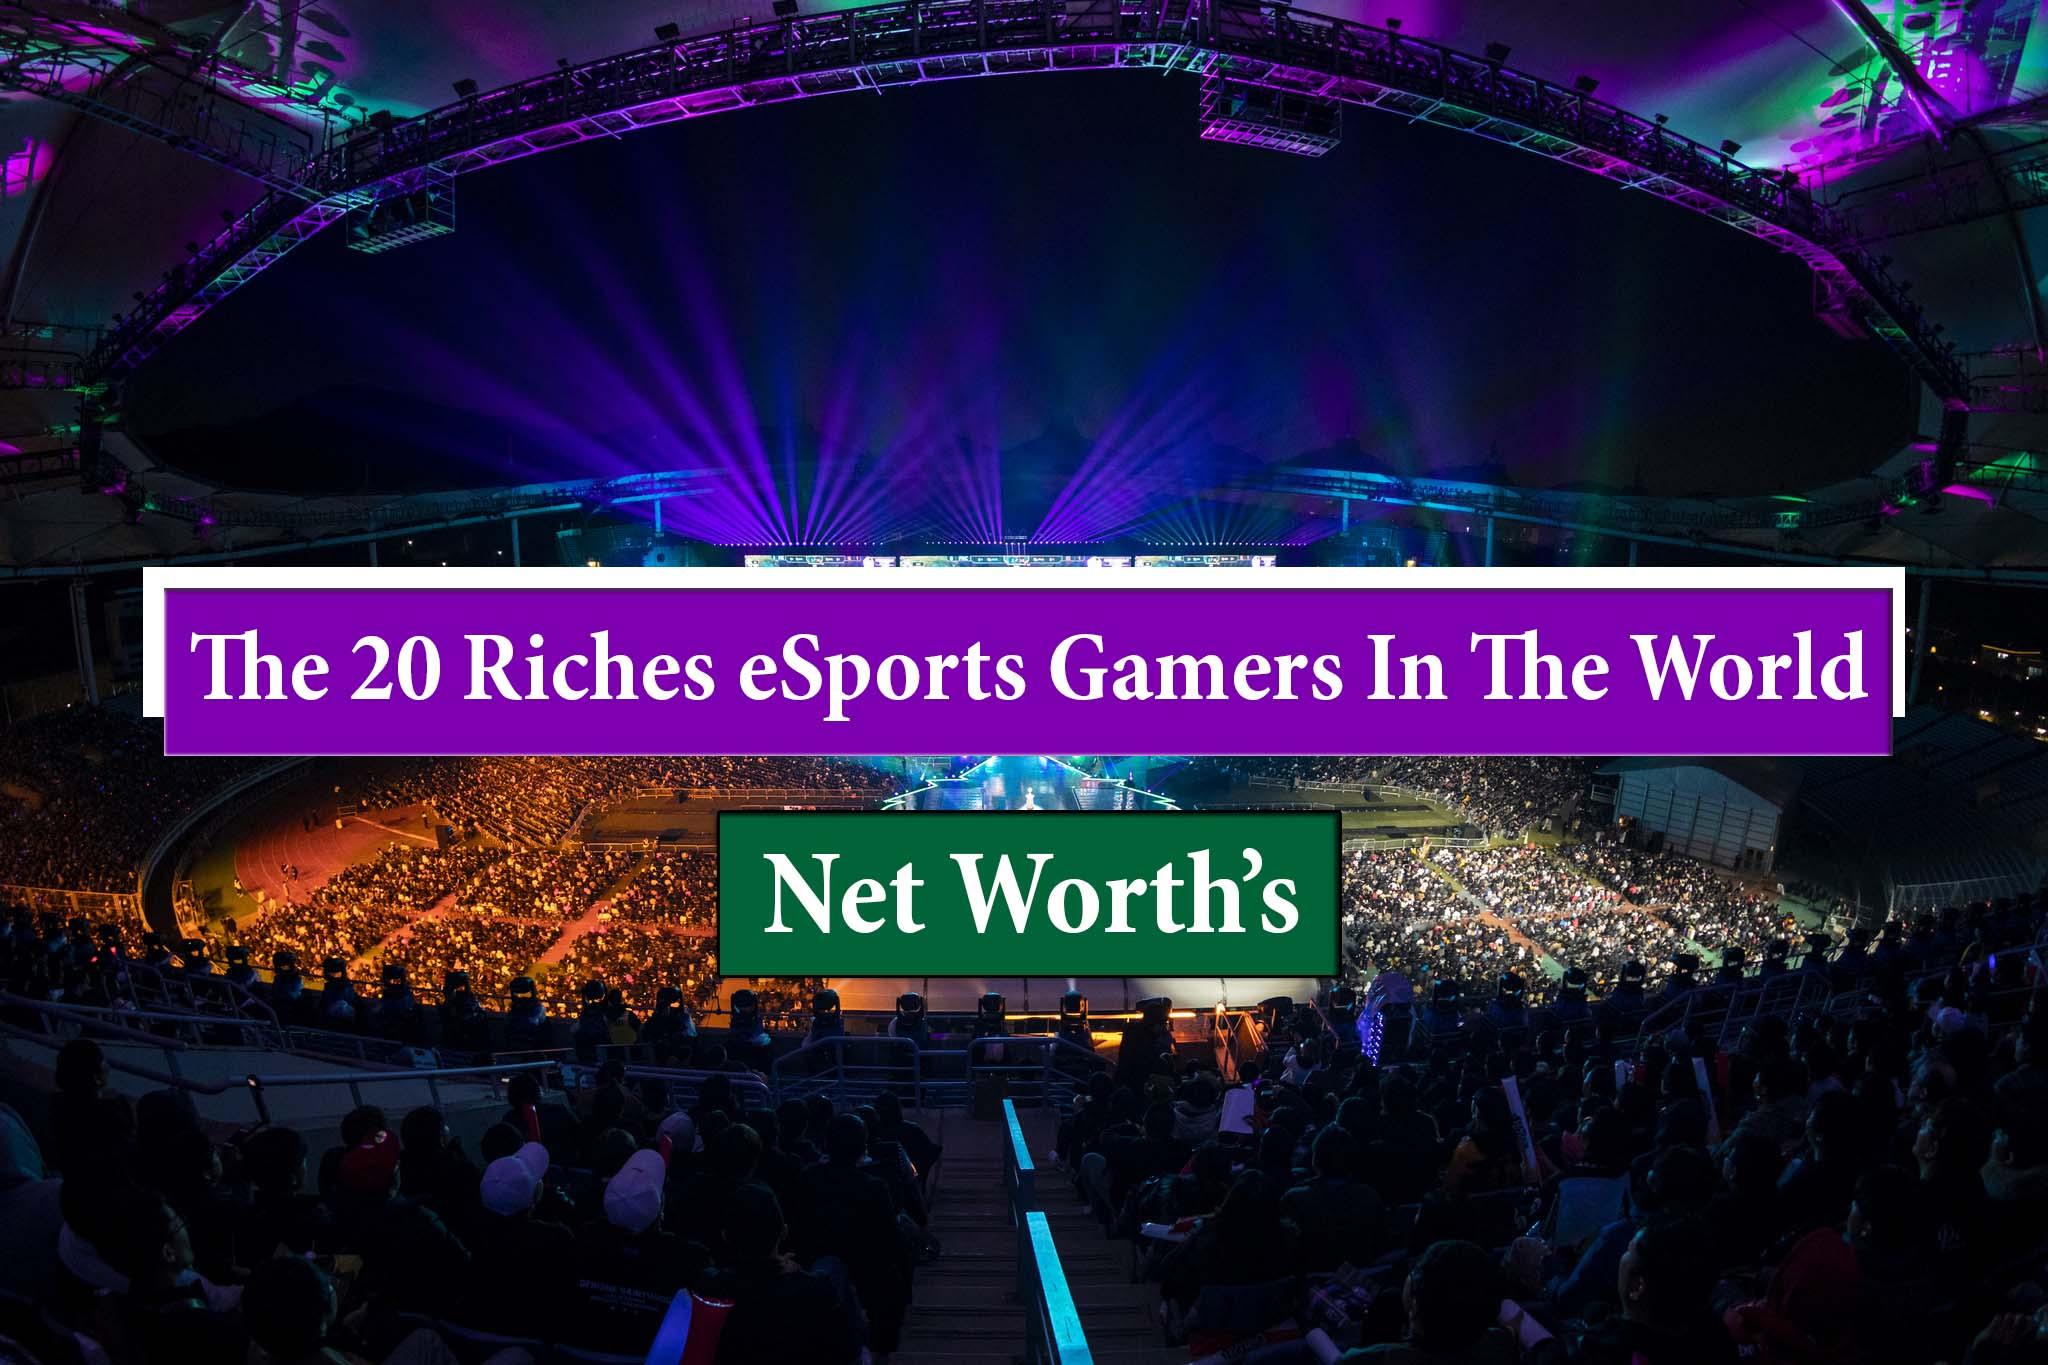 20 Richest eSports Gamers